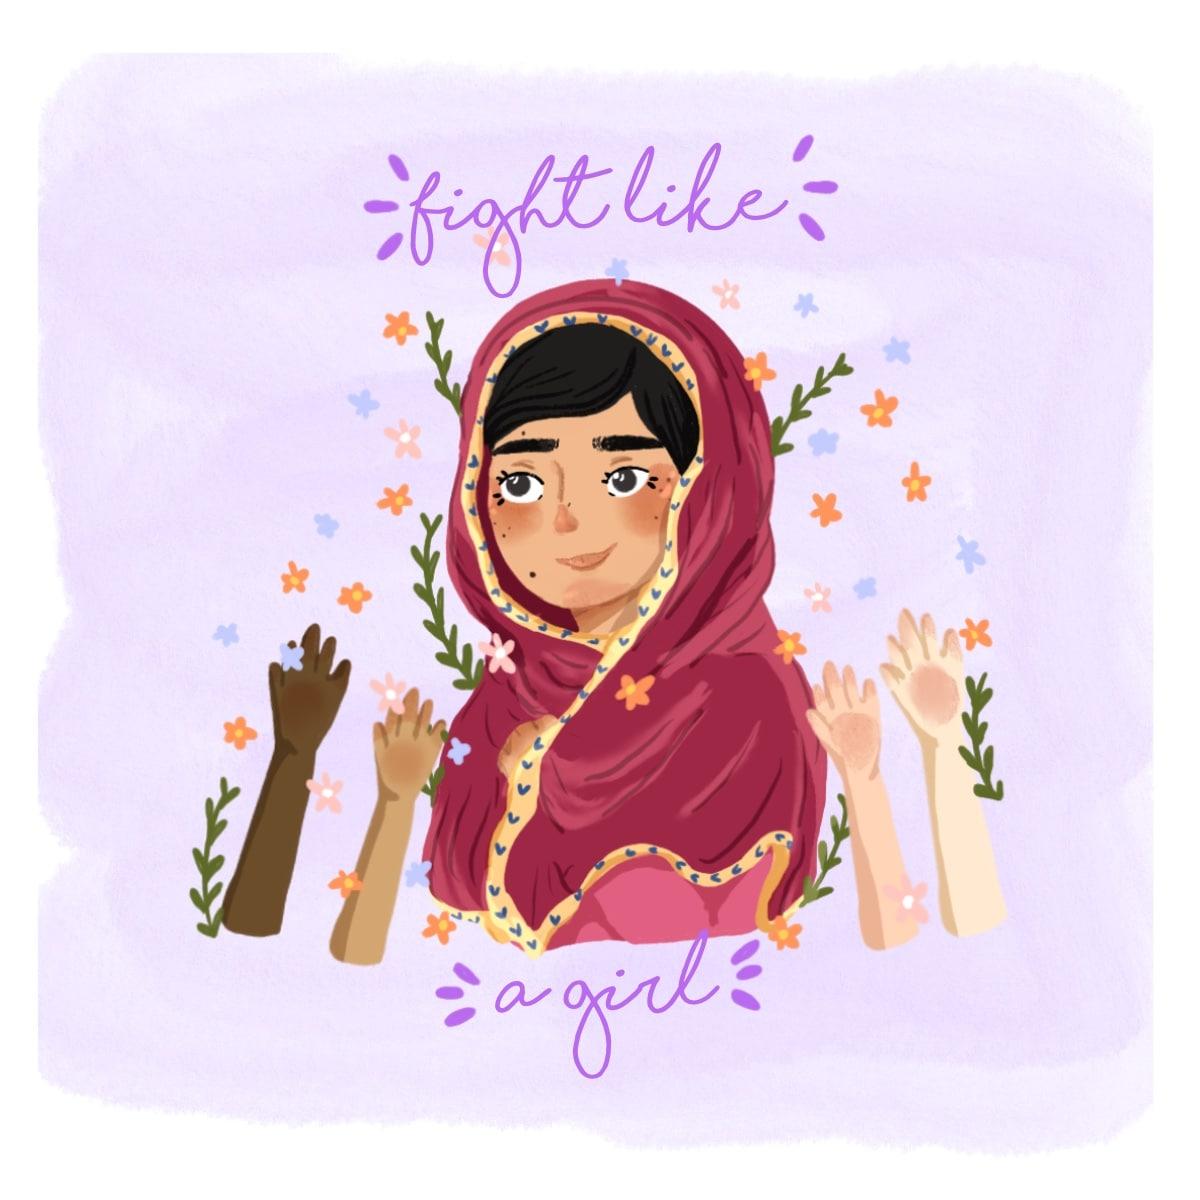 """Ilustración de Malala rodeada de puños en alto y flores que dice """"fight like a girl"""" (pelea como una chica)"""